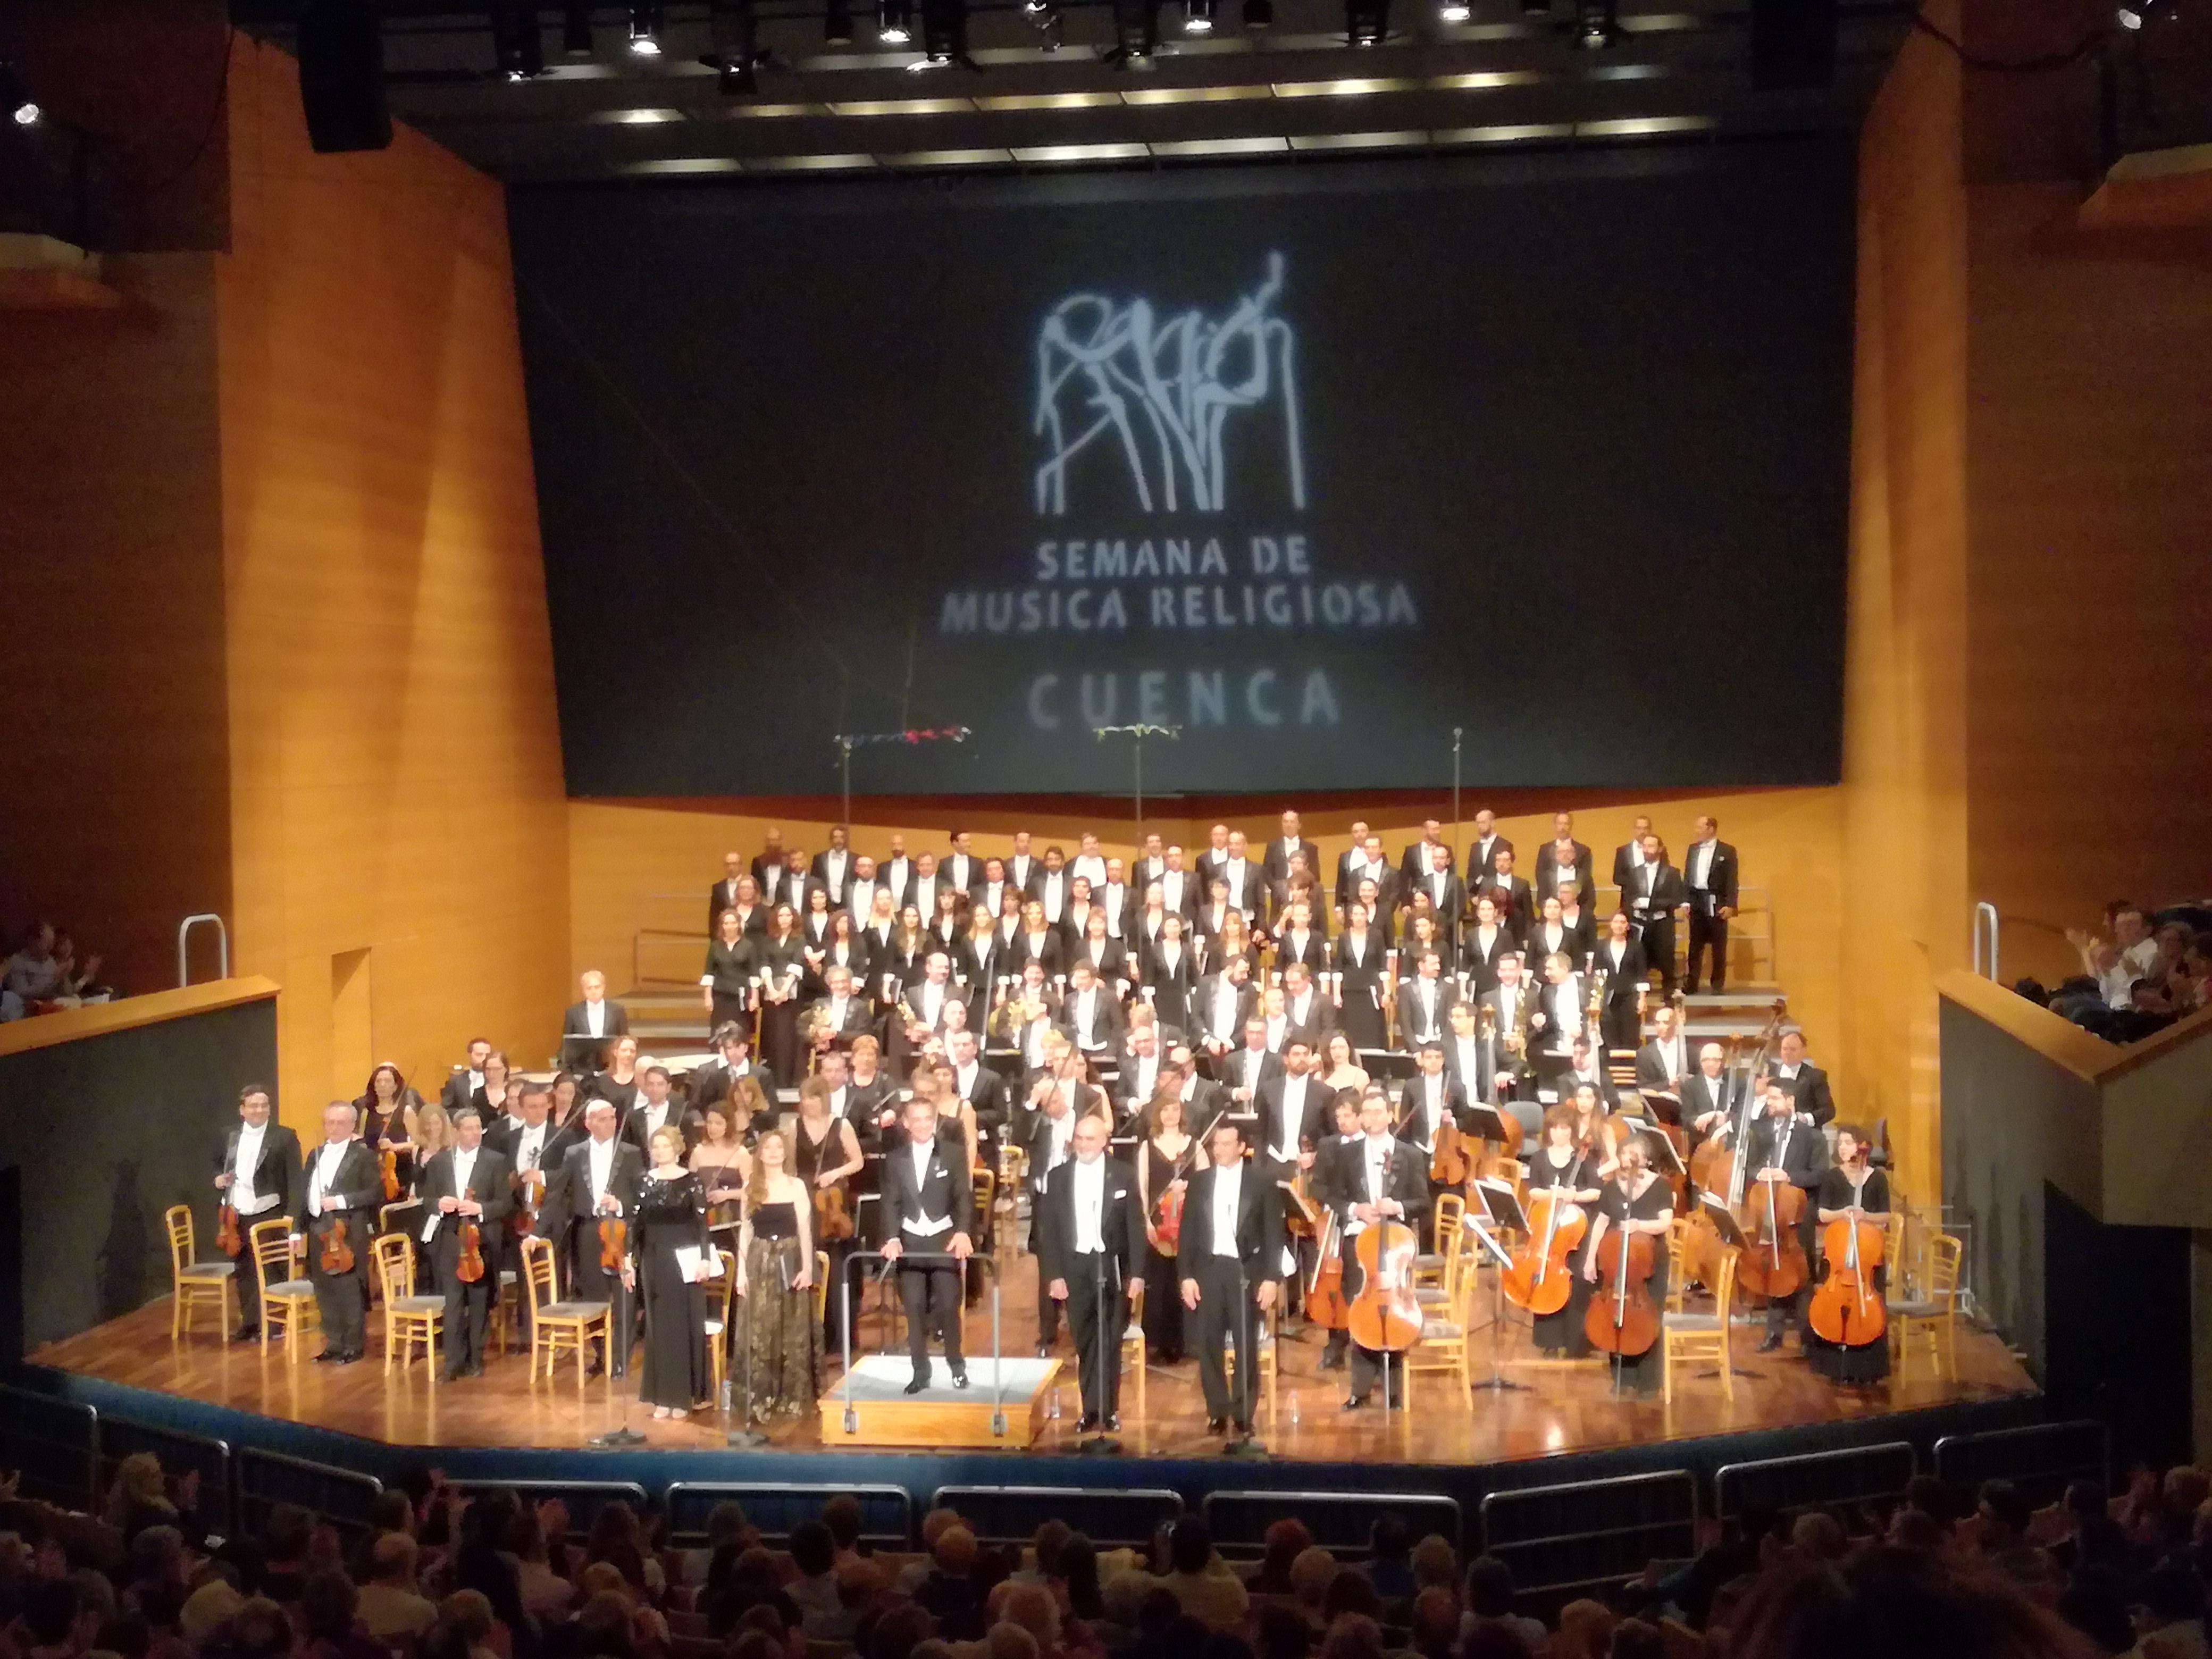 Rossini y Brahms por la Orquesta y Coro de RTVE, cuestión de balances